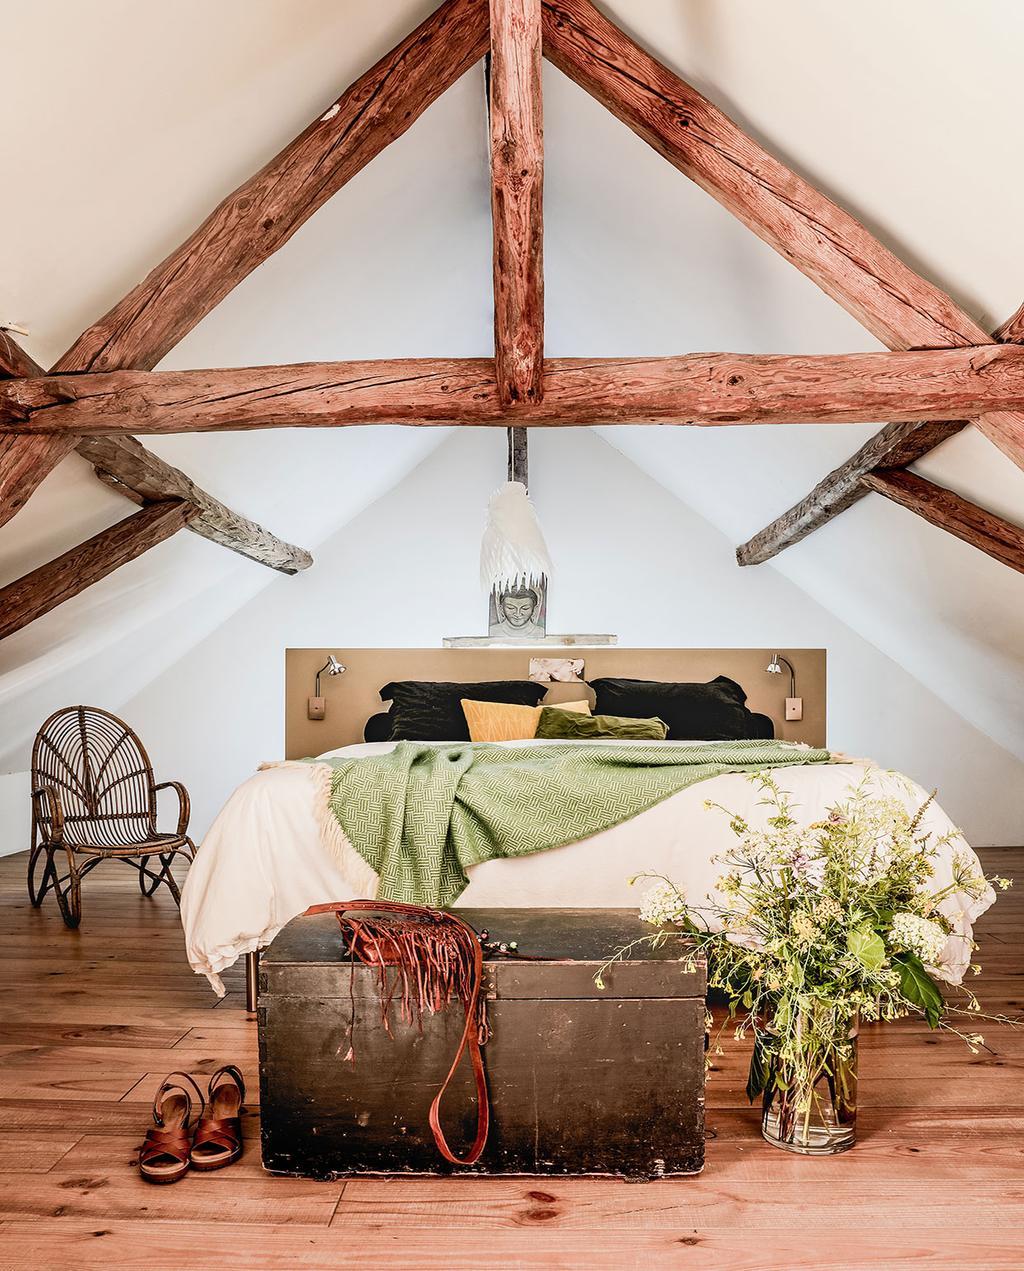 vtwonen 05-2021 | landelijke slaapkamer met zelfgemaakt hoofdbord en een schuin dak